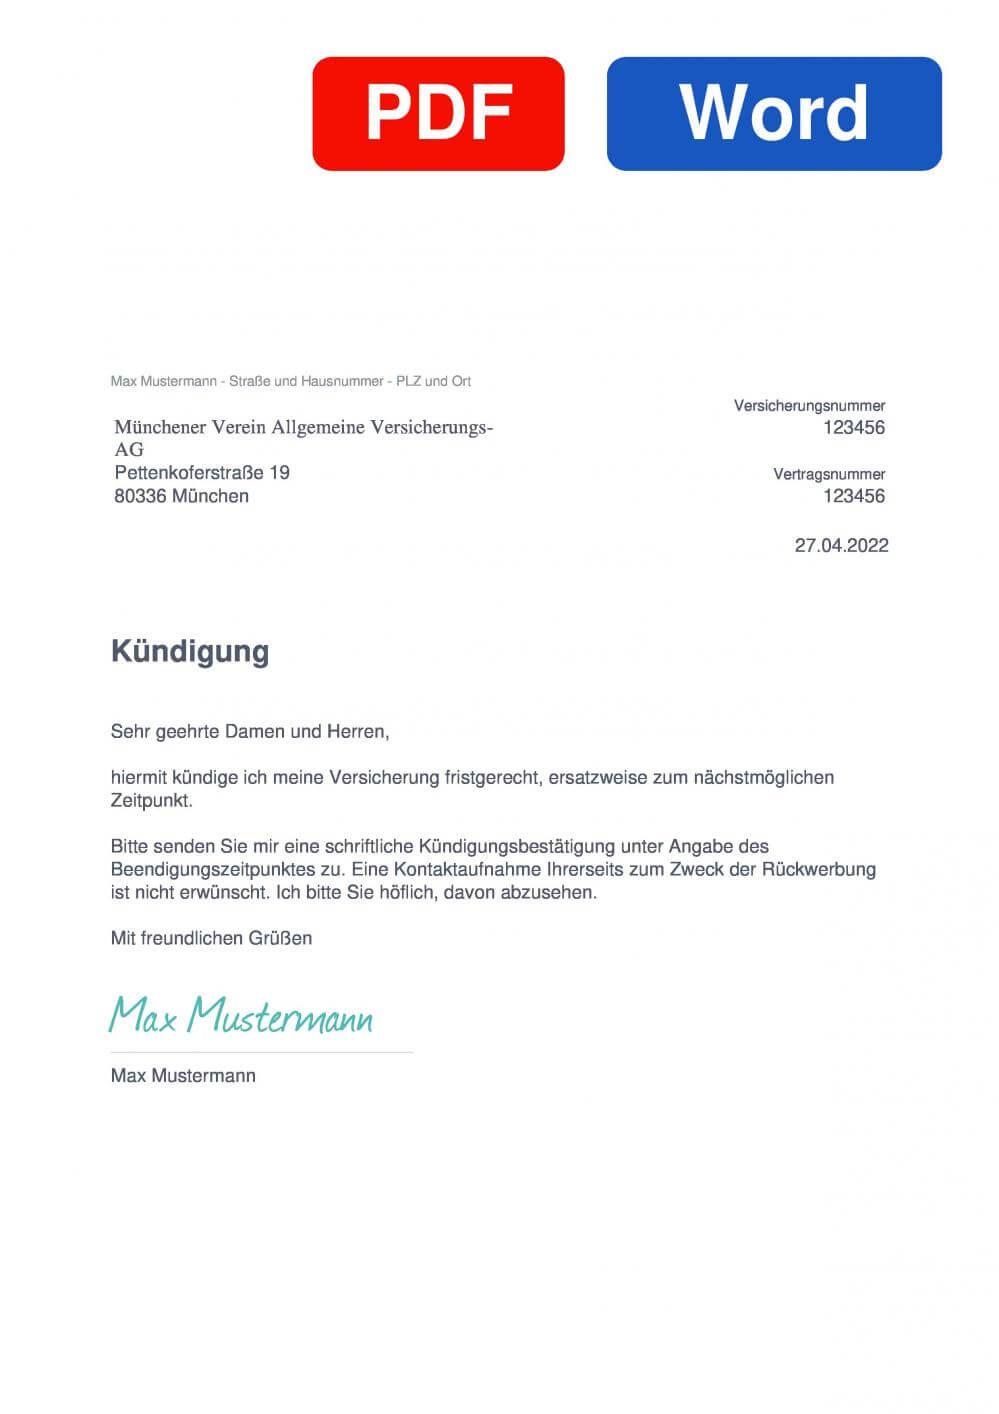 Münchener Verein Muster Vorlage für Kündigungsschreiben